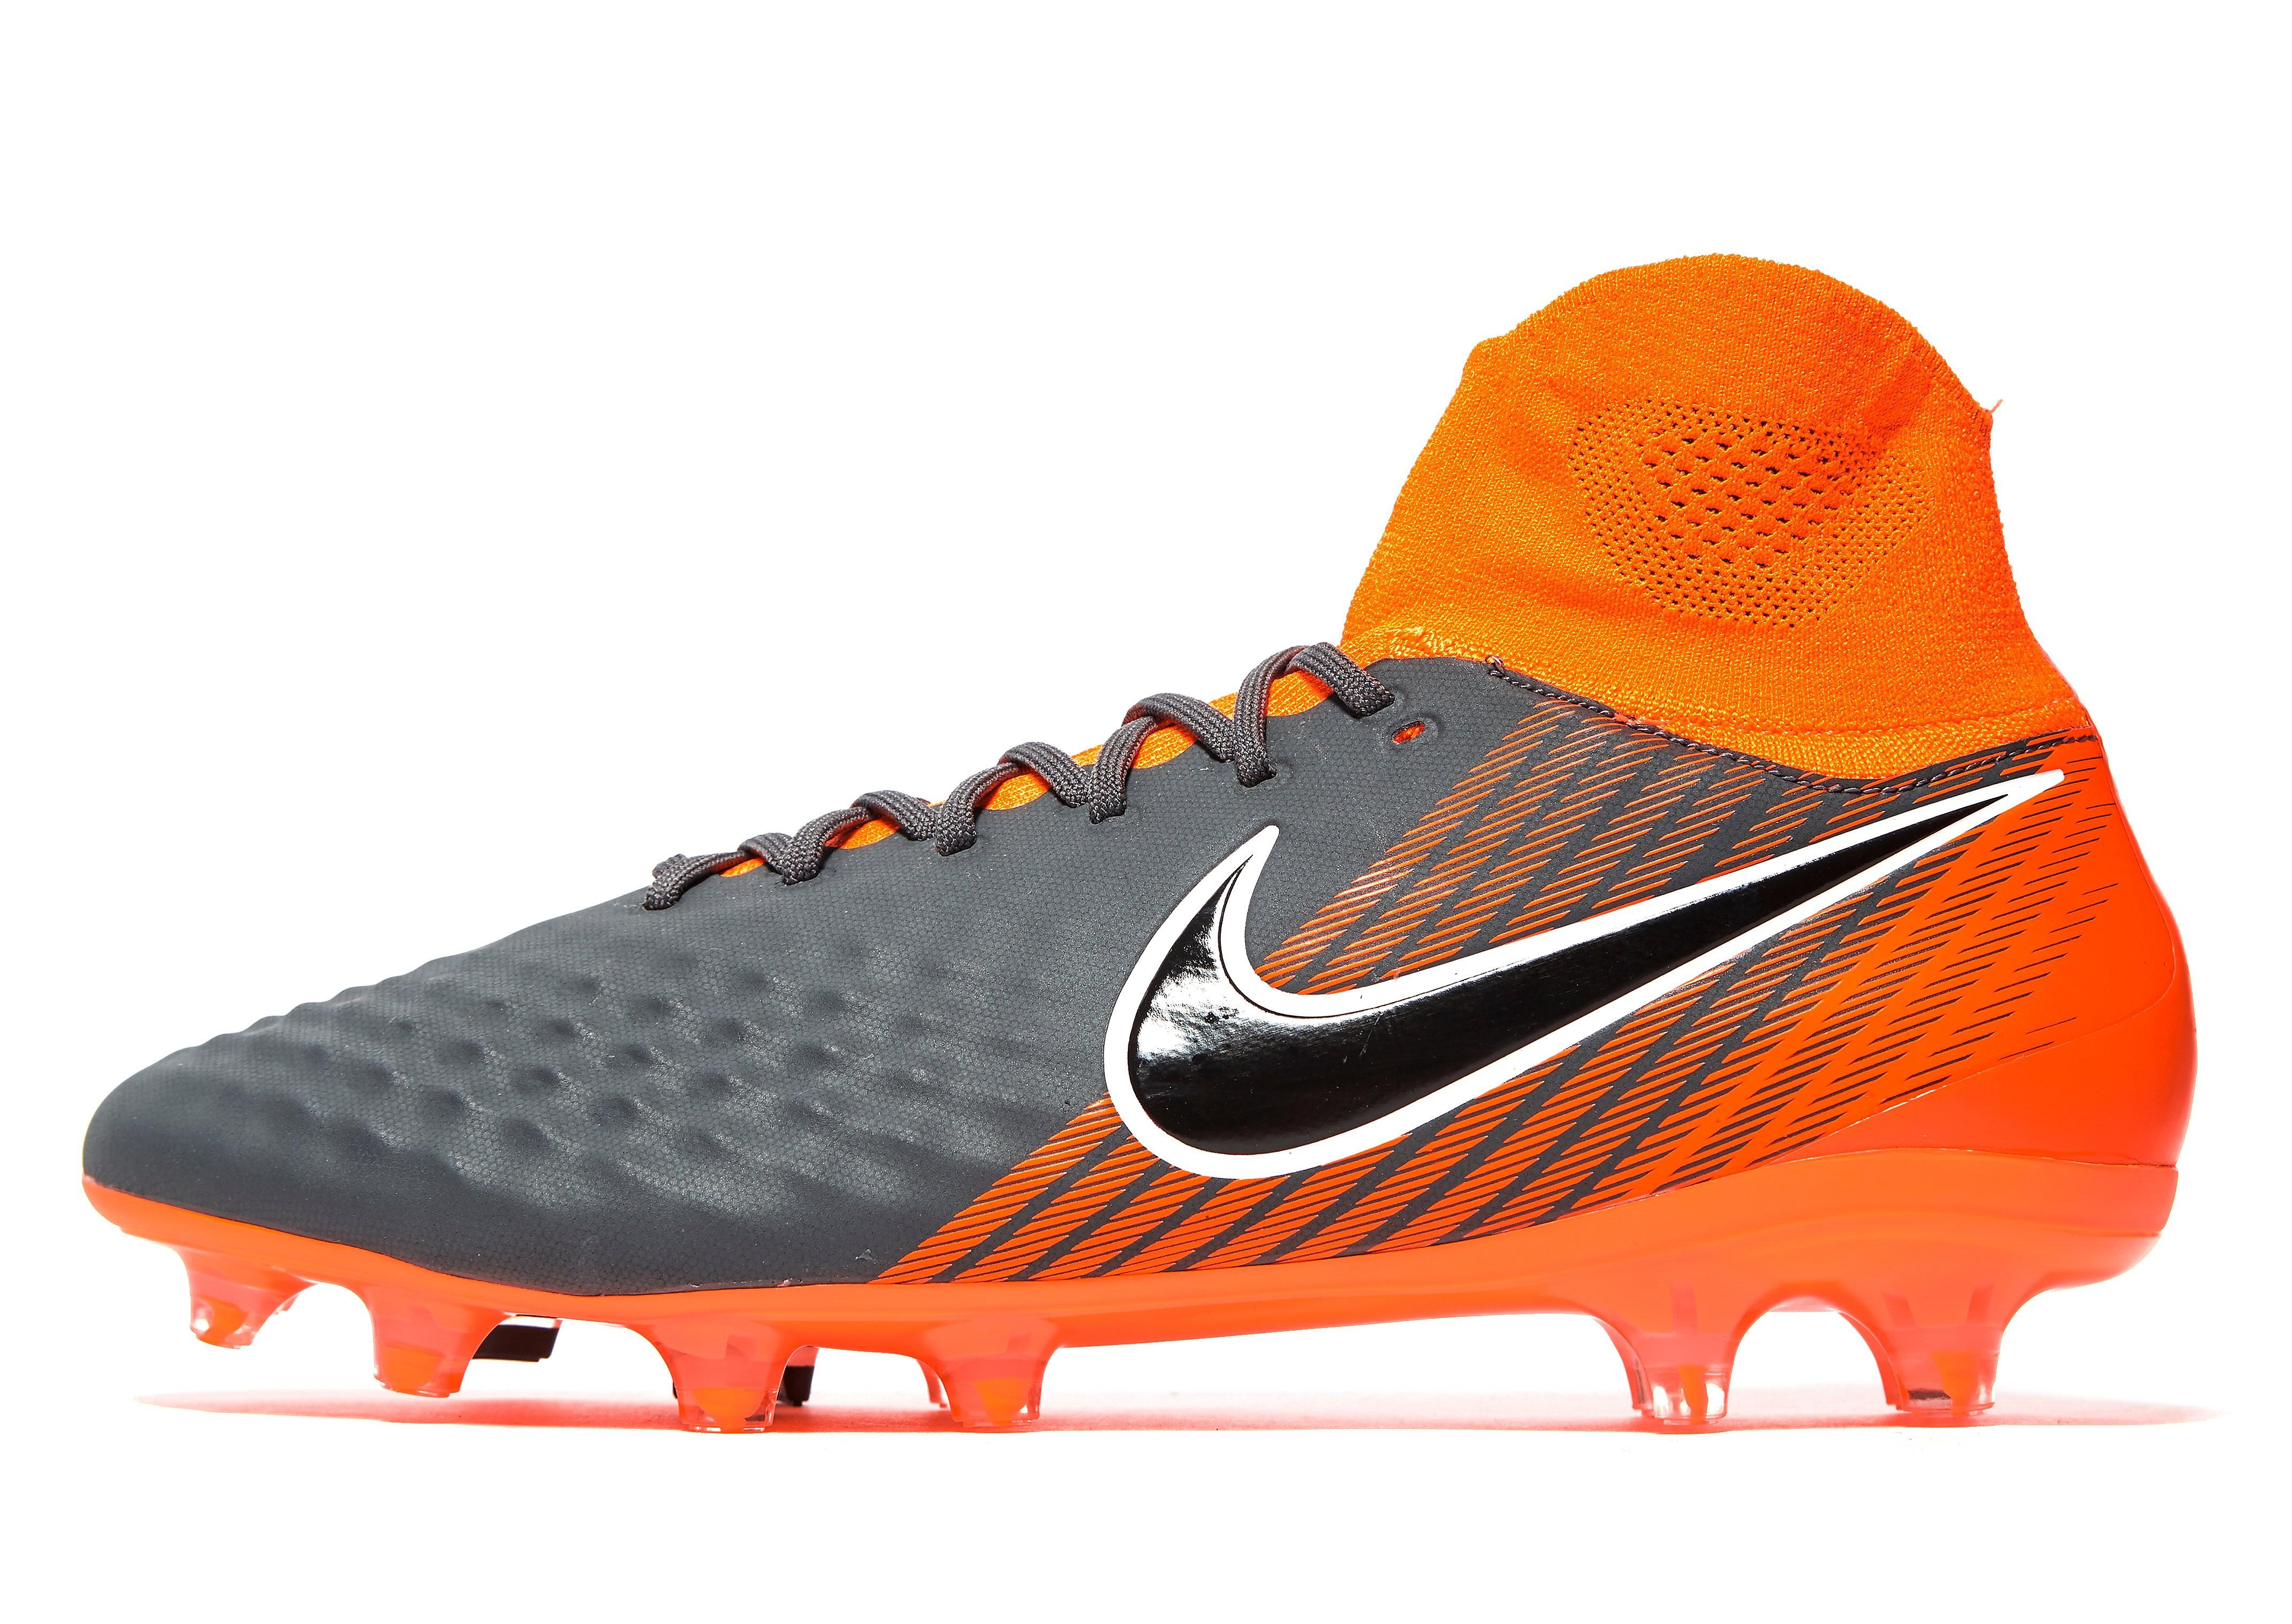 Nike Fast AF Magista Pro Dynamic Fit FG Fodbold Støvle